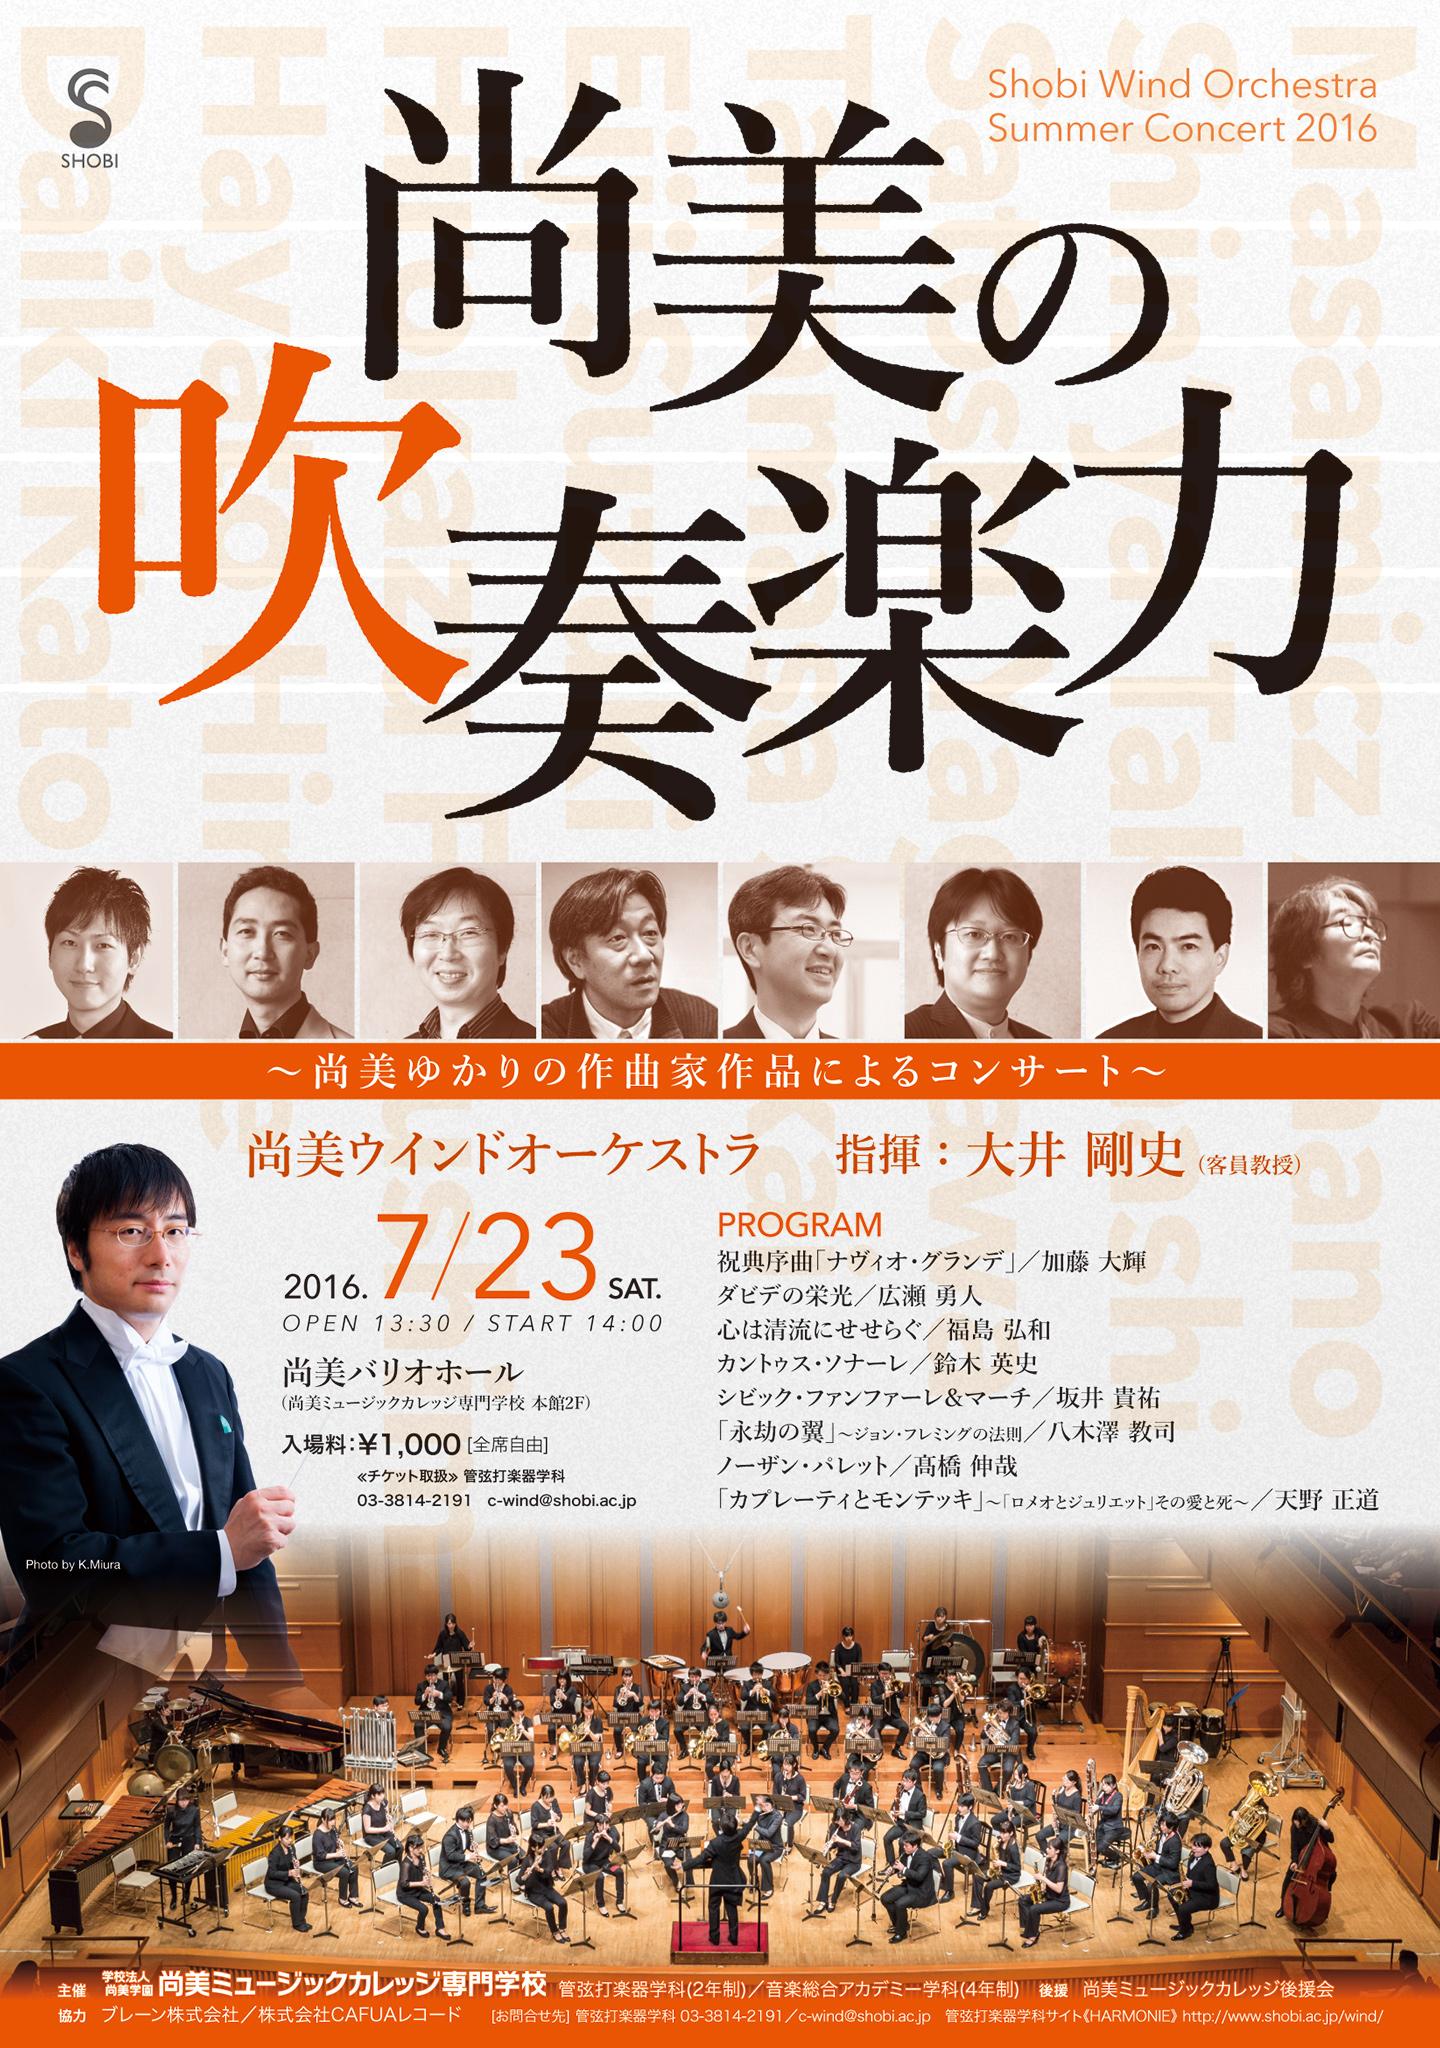 【7月23日開催】尚美の吹奏楽力